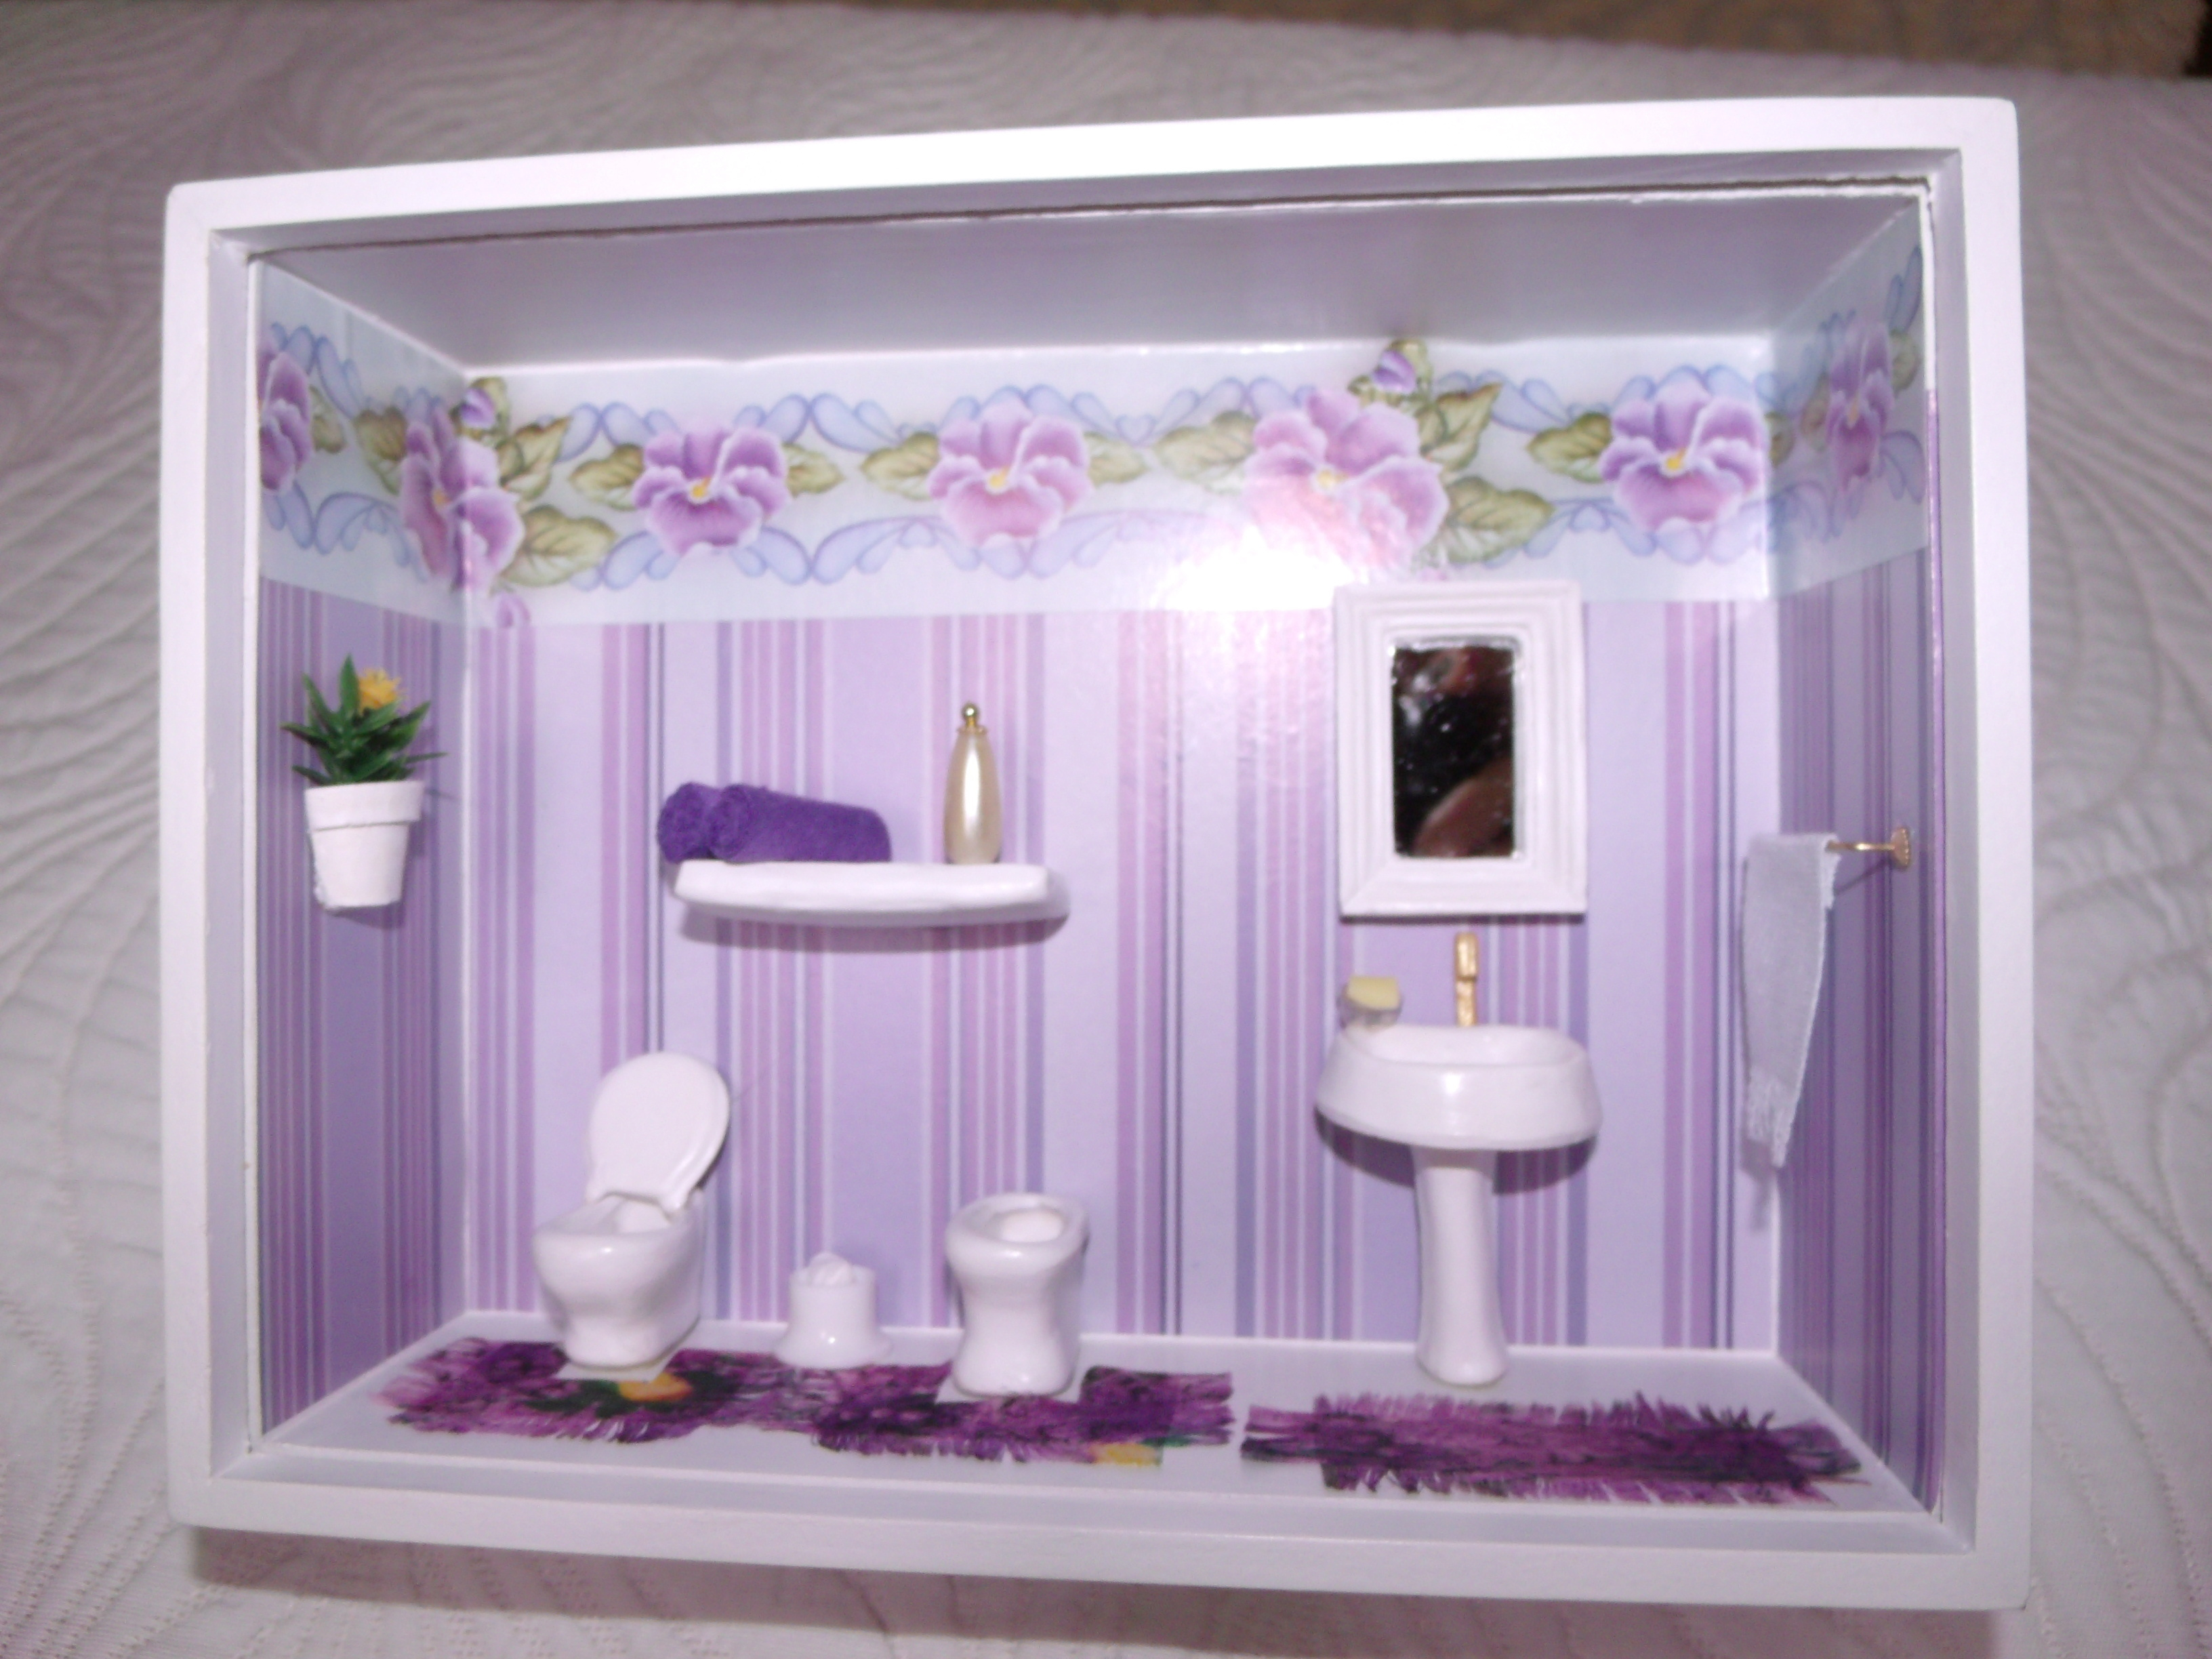 Pin De Banheiro Cerâmica Branca 150×150 Pisos – Modelos on Pinterest -> Decoracao De Banheiro Com Quadro